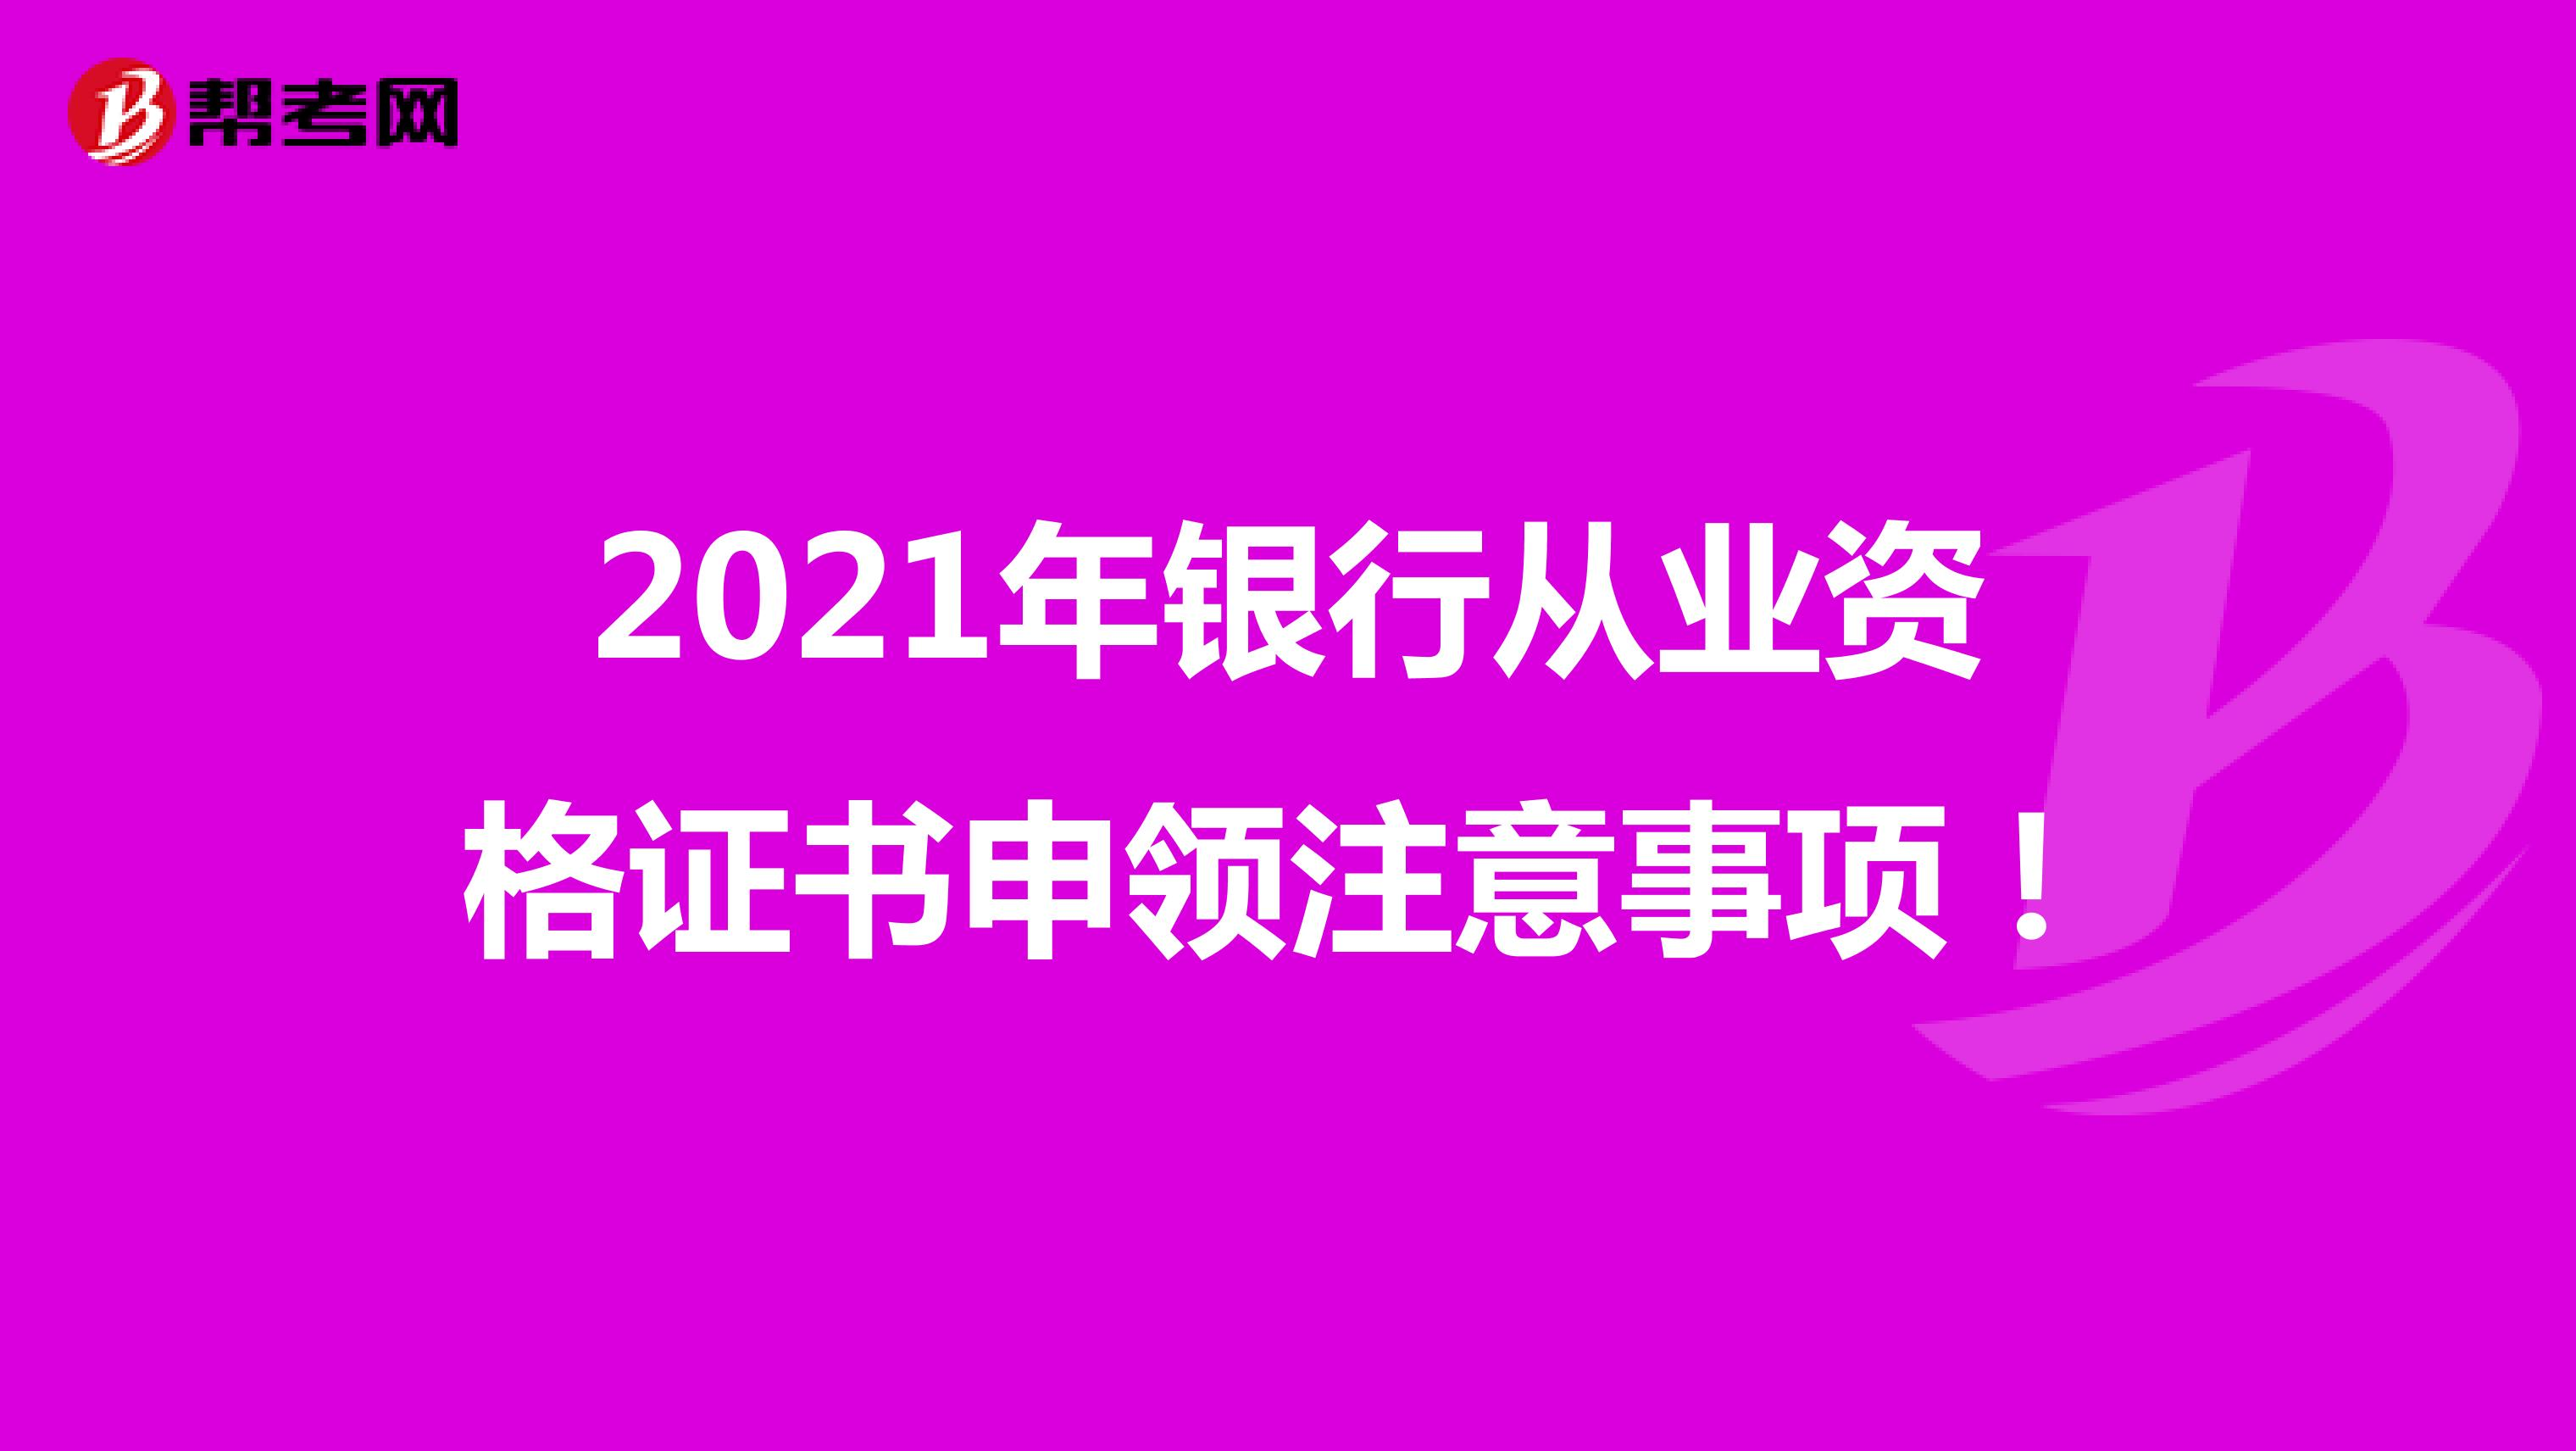 2021年银行从业资格证书申领注意事项!